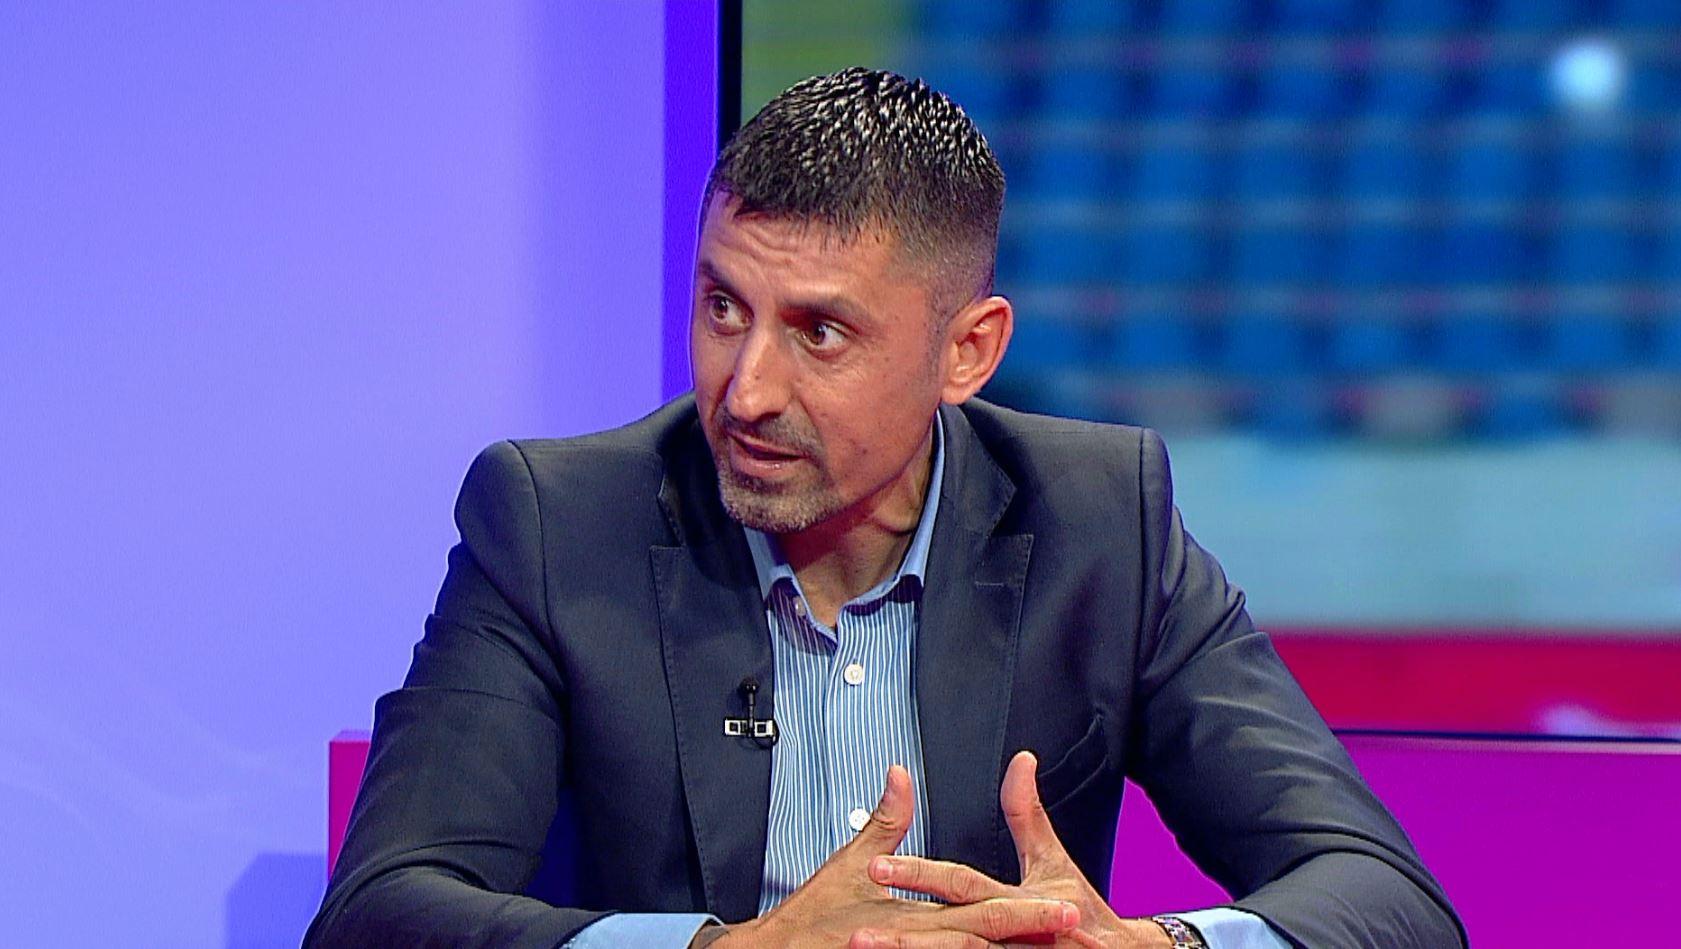 Am o întrebare: Dănciulescu, tu la care echipă Steaua ai jucat? Fostul atacant s-a blocat